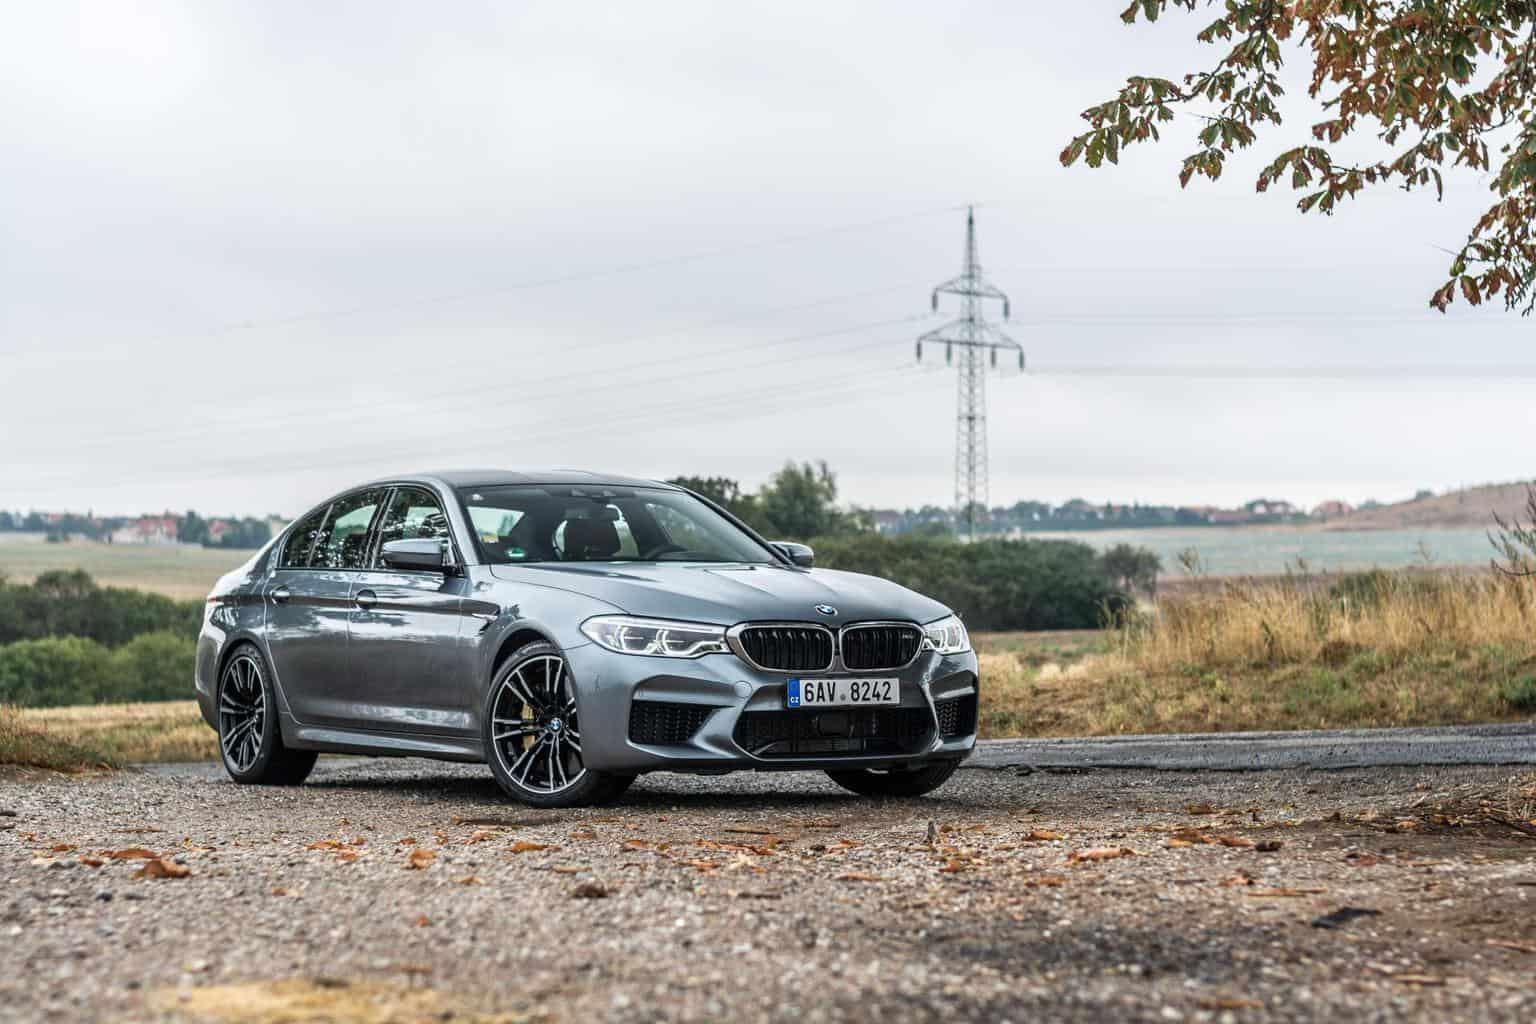 Bericht: Bei BMW befindet sich ein 1.006 PS starker, vollelektrischer M5 in Arbeit